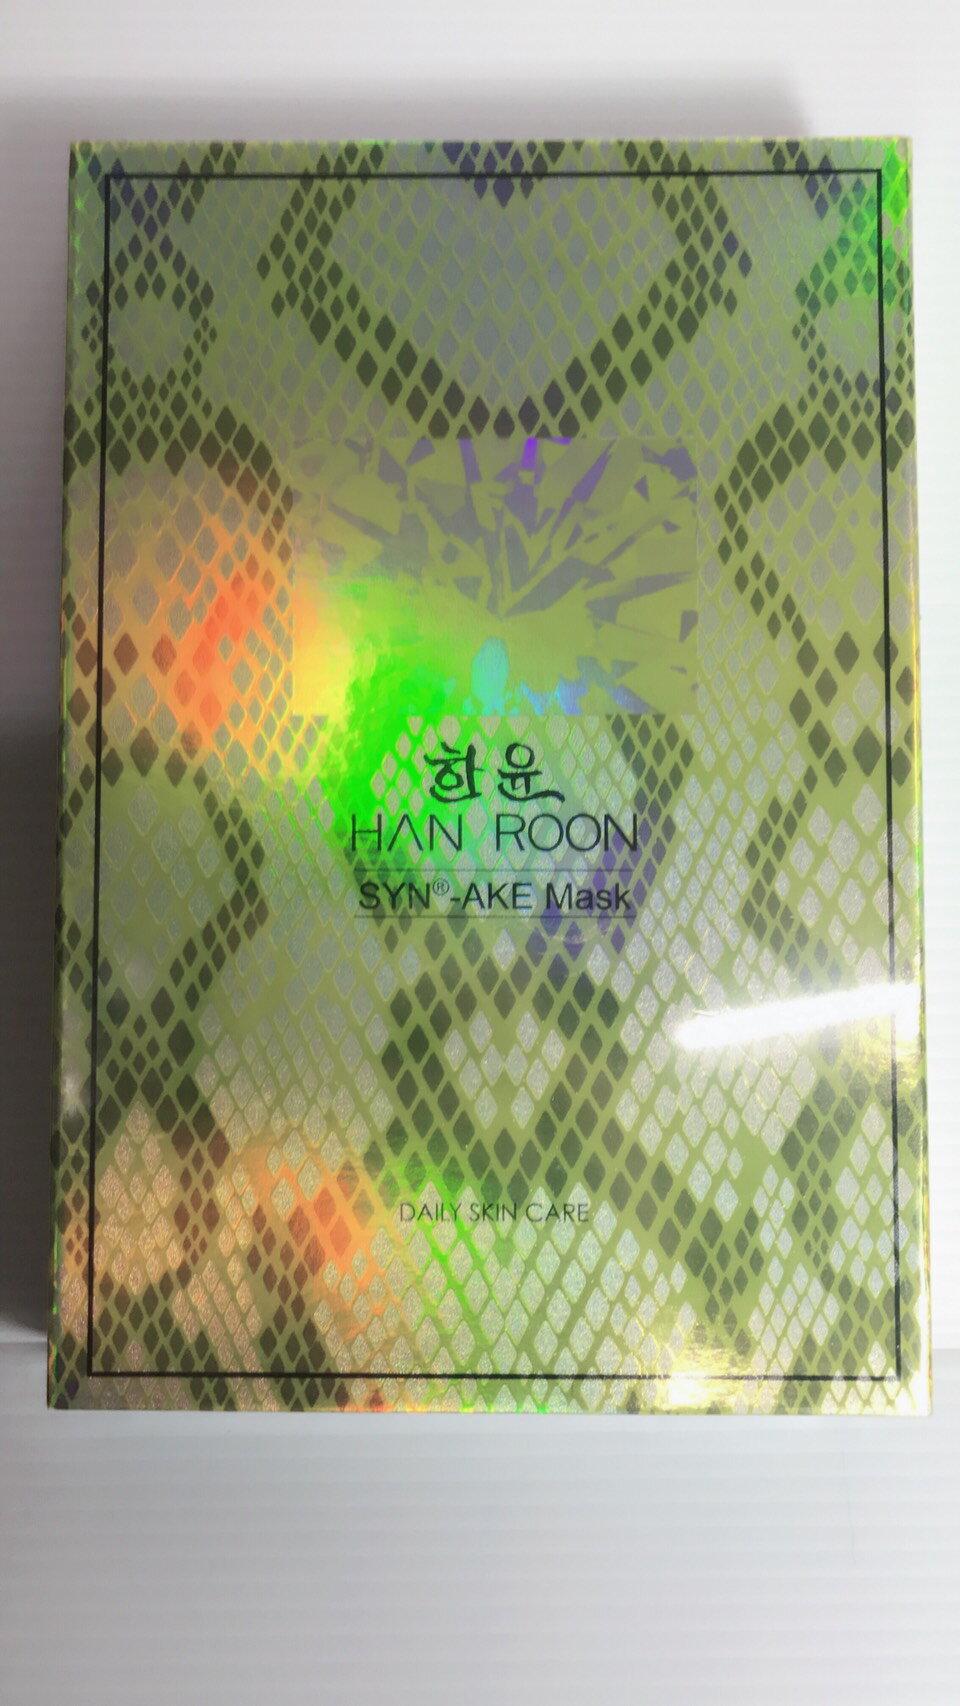 HANROON韓潤魚子精華光透膜5片/盒全新盒裝【淨妍美肌】 效期2018